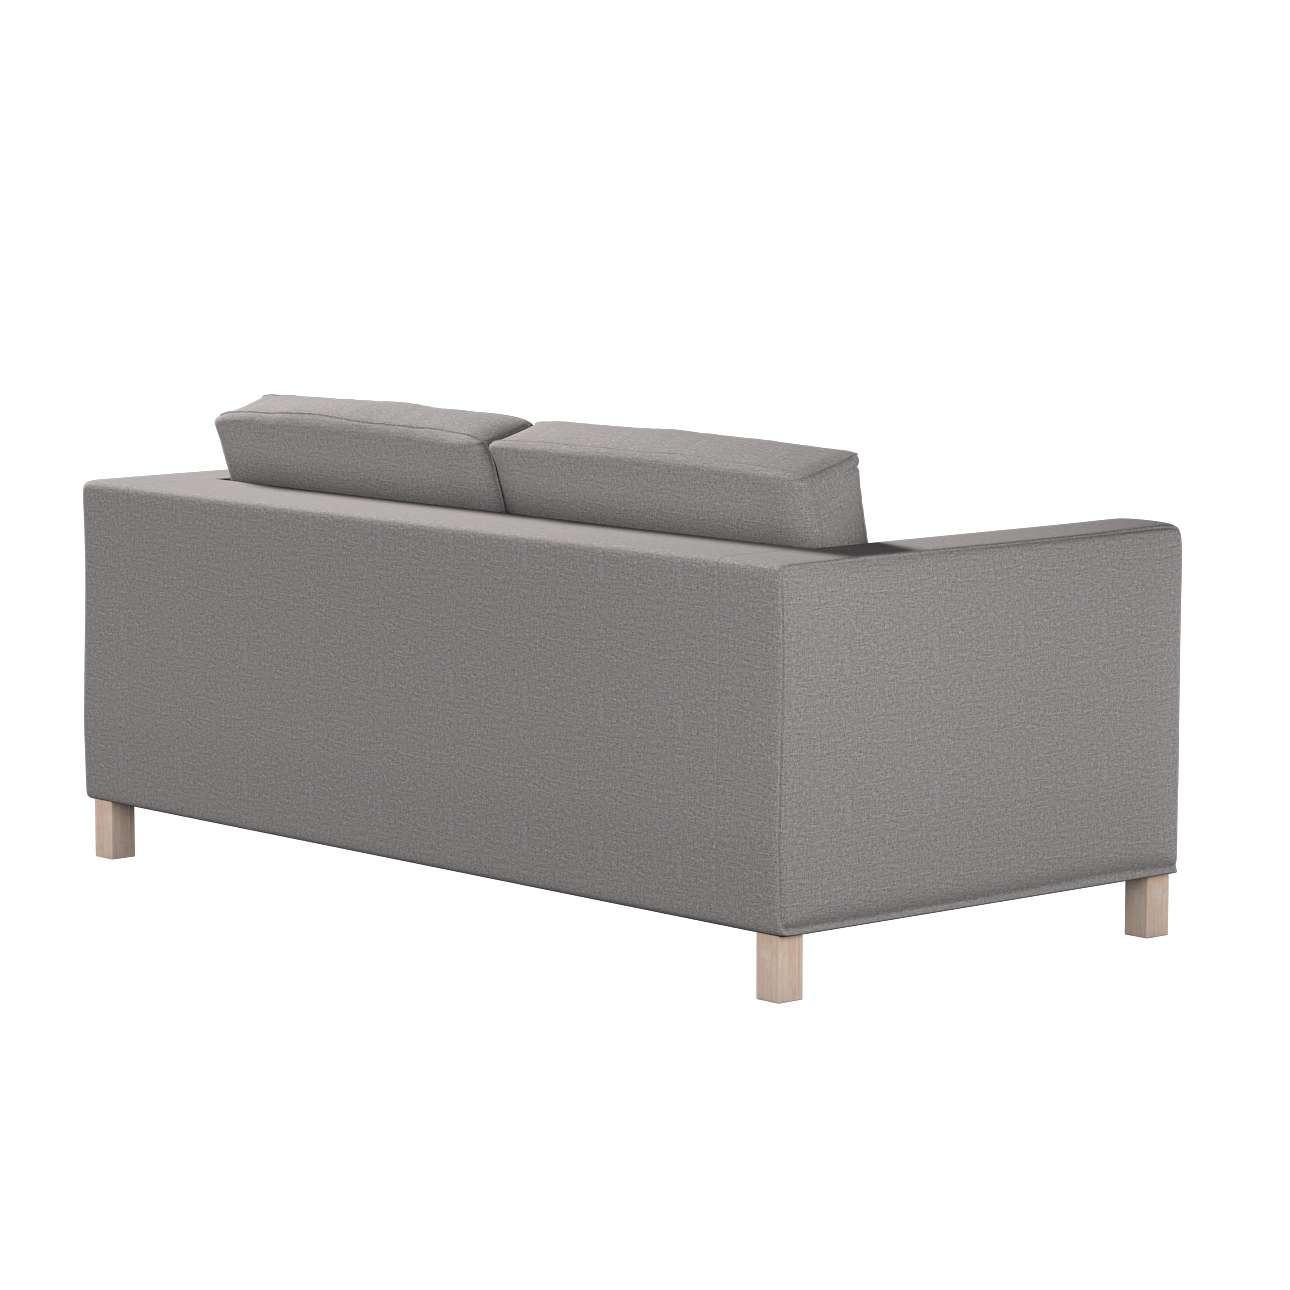 Ikea Slaapbank Karlanda.Ikea Zitbankhoes Overtrek Voor Karlanda Slaapbank Kort